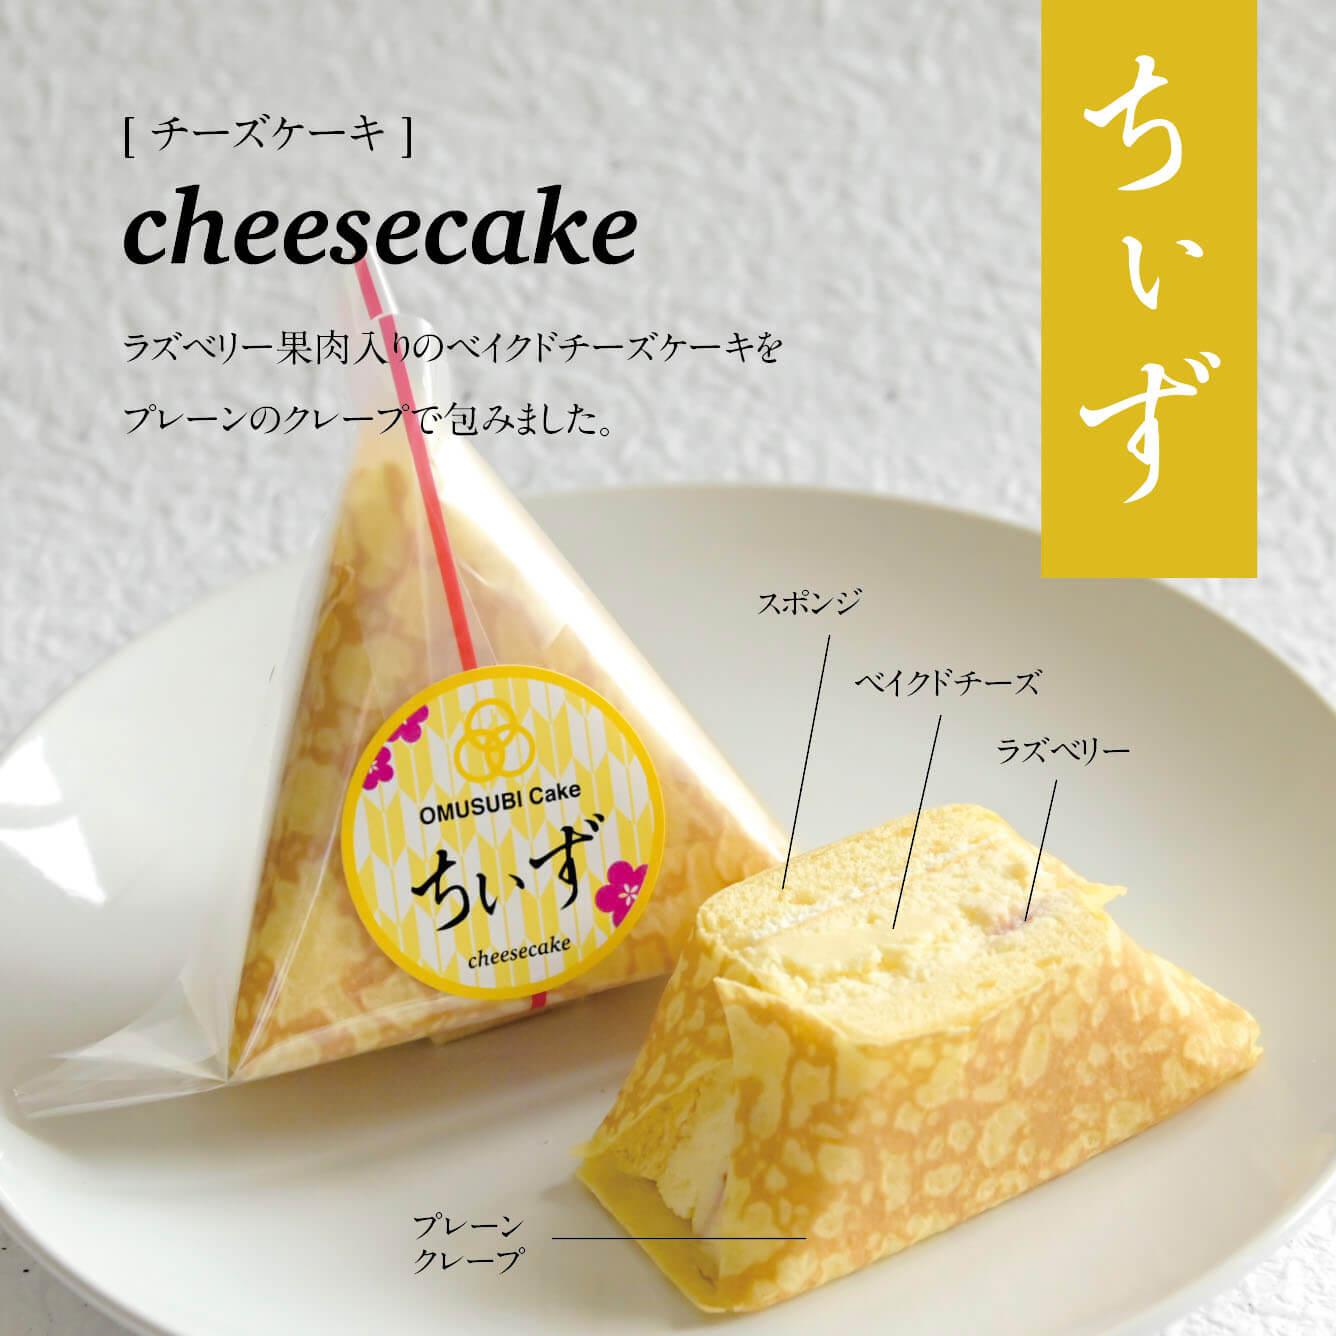 OMUSUBI Cake(おむすびケーキ)の『ちぃず』